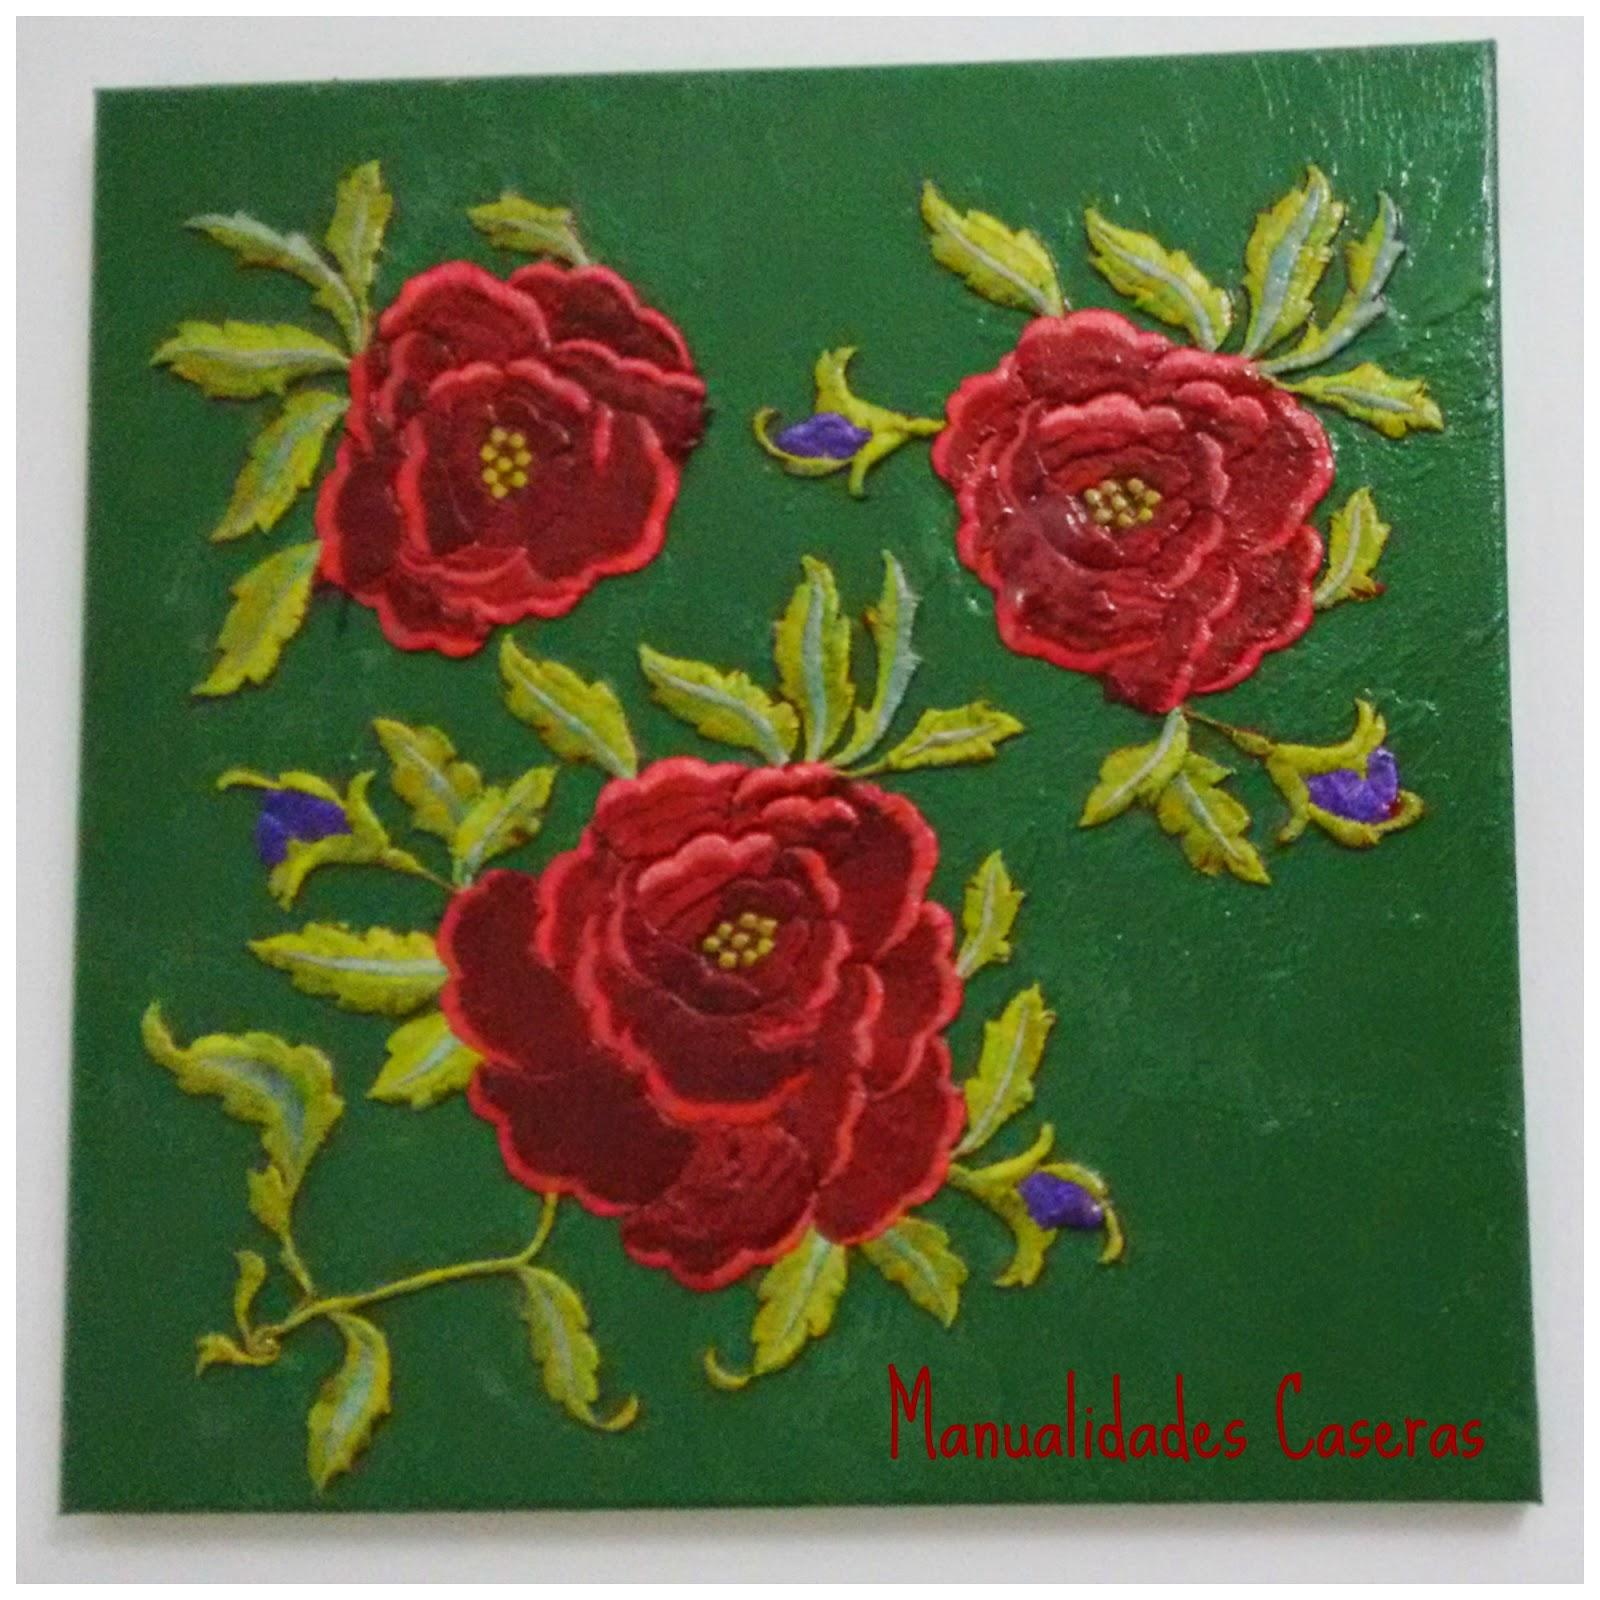 Manualidades Caseras Inma_ Cuadro rosas rojas recicladas de un manton de manila